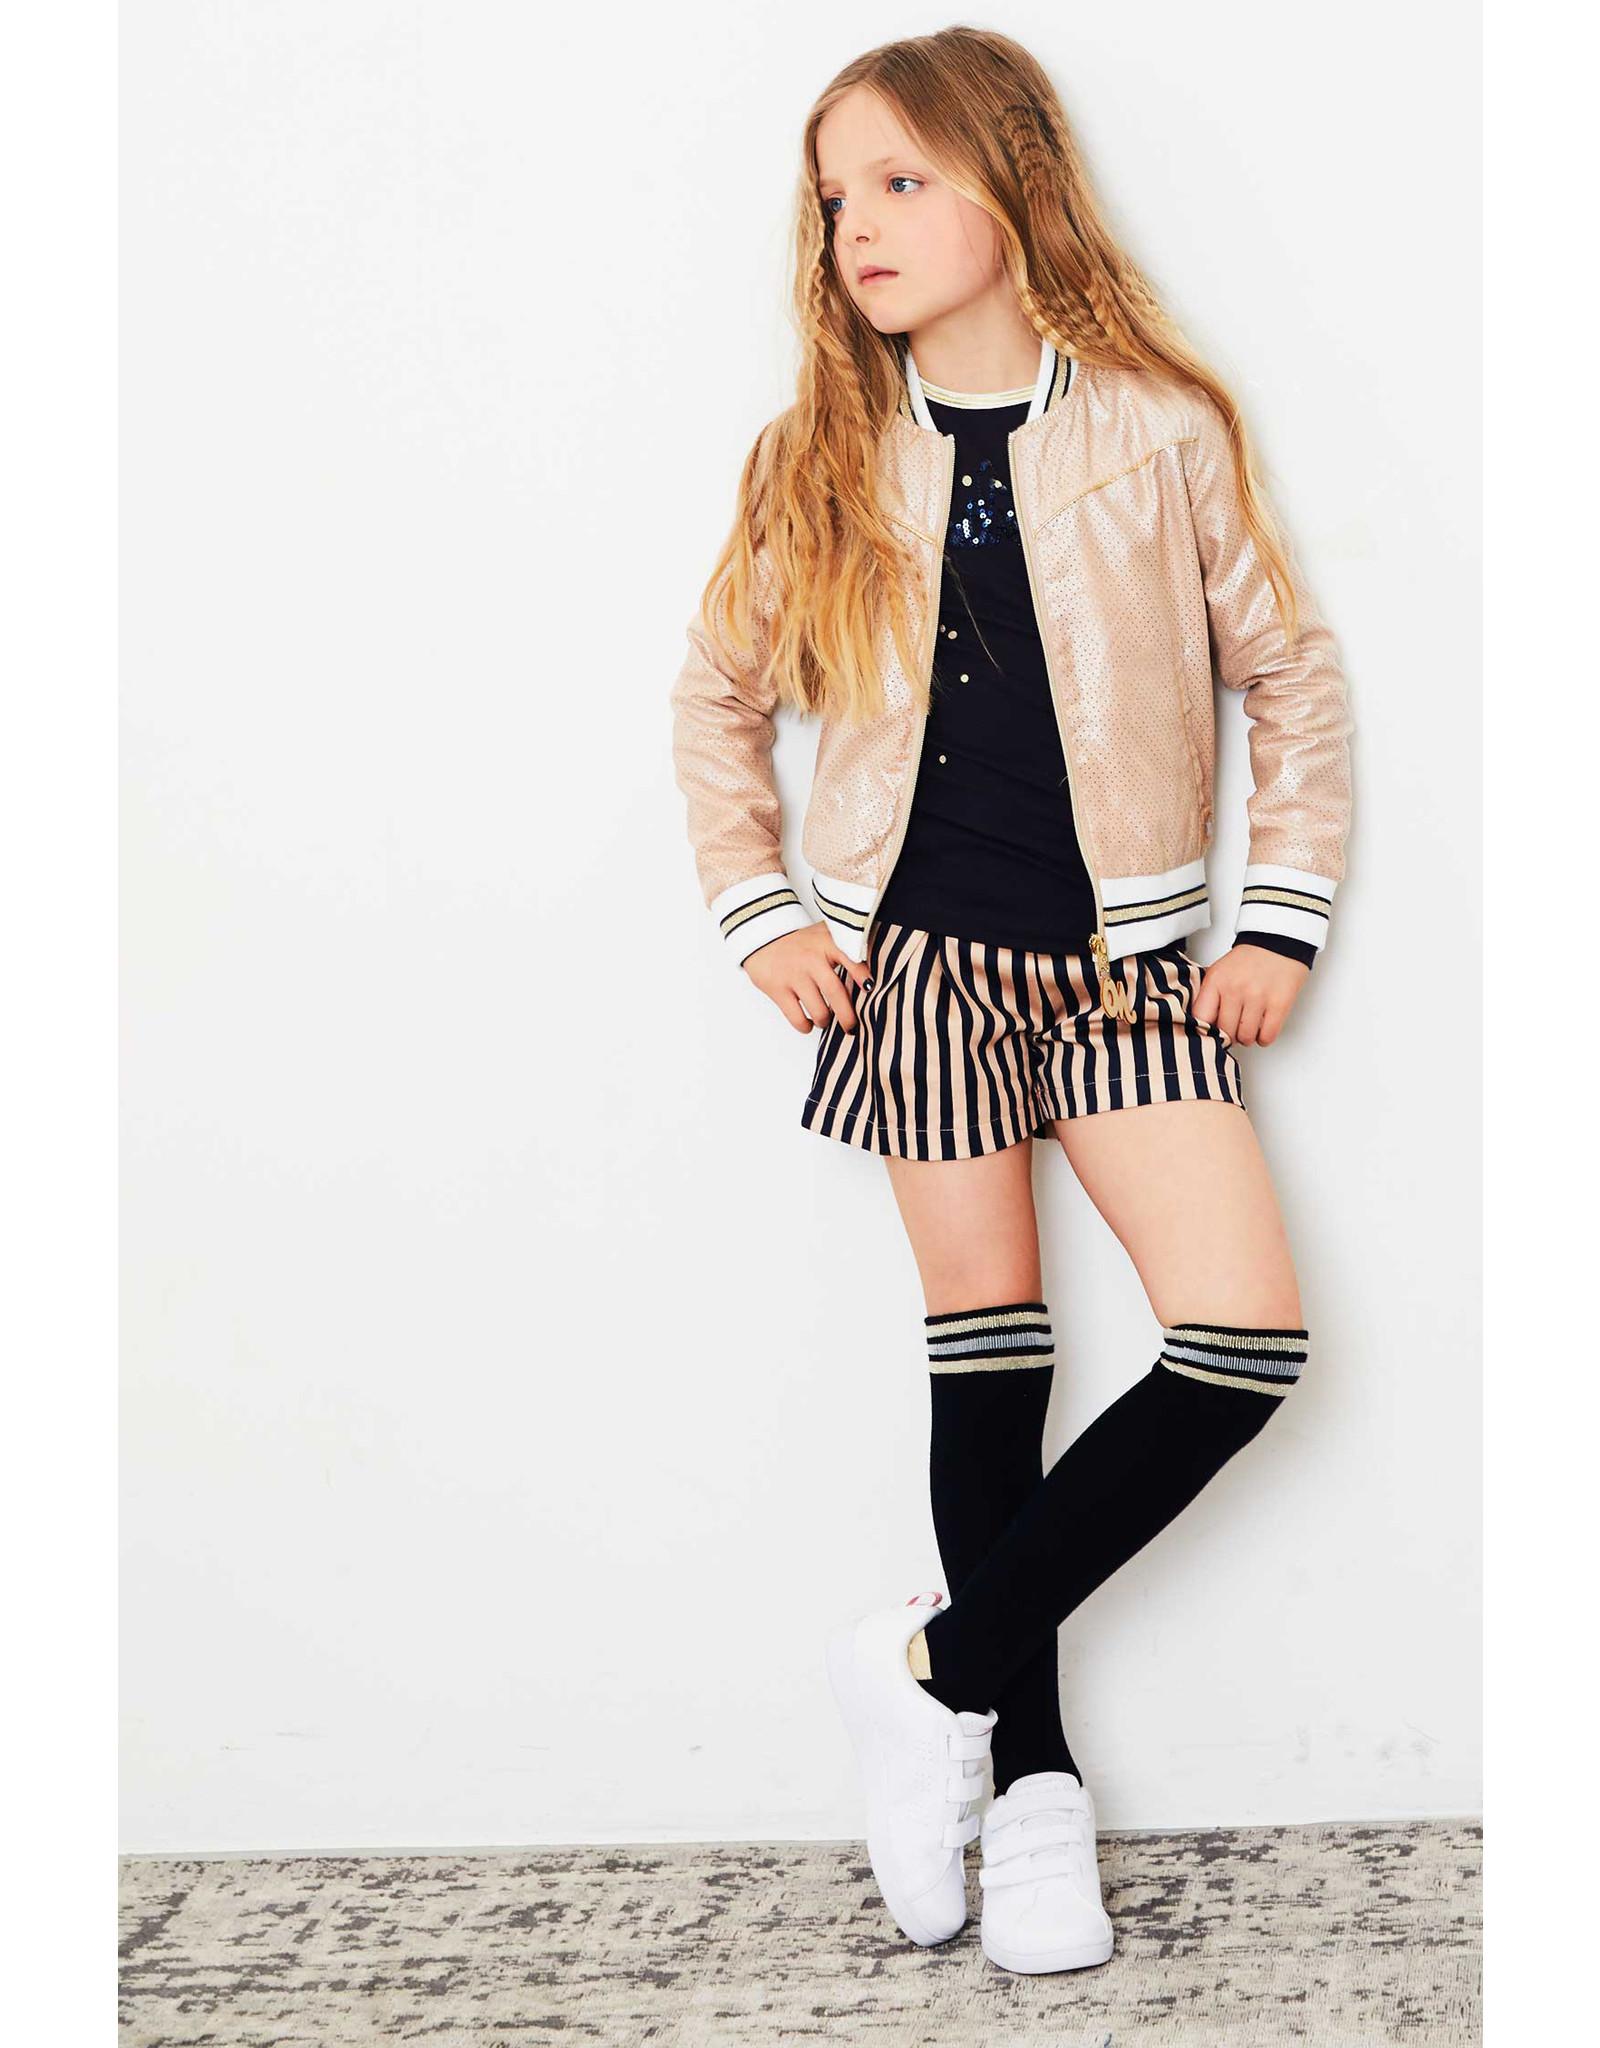 NONO NONO Splash long Sock with Stripes at top